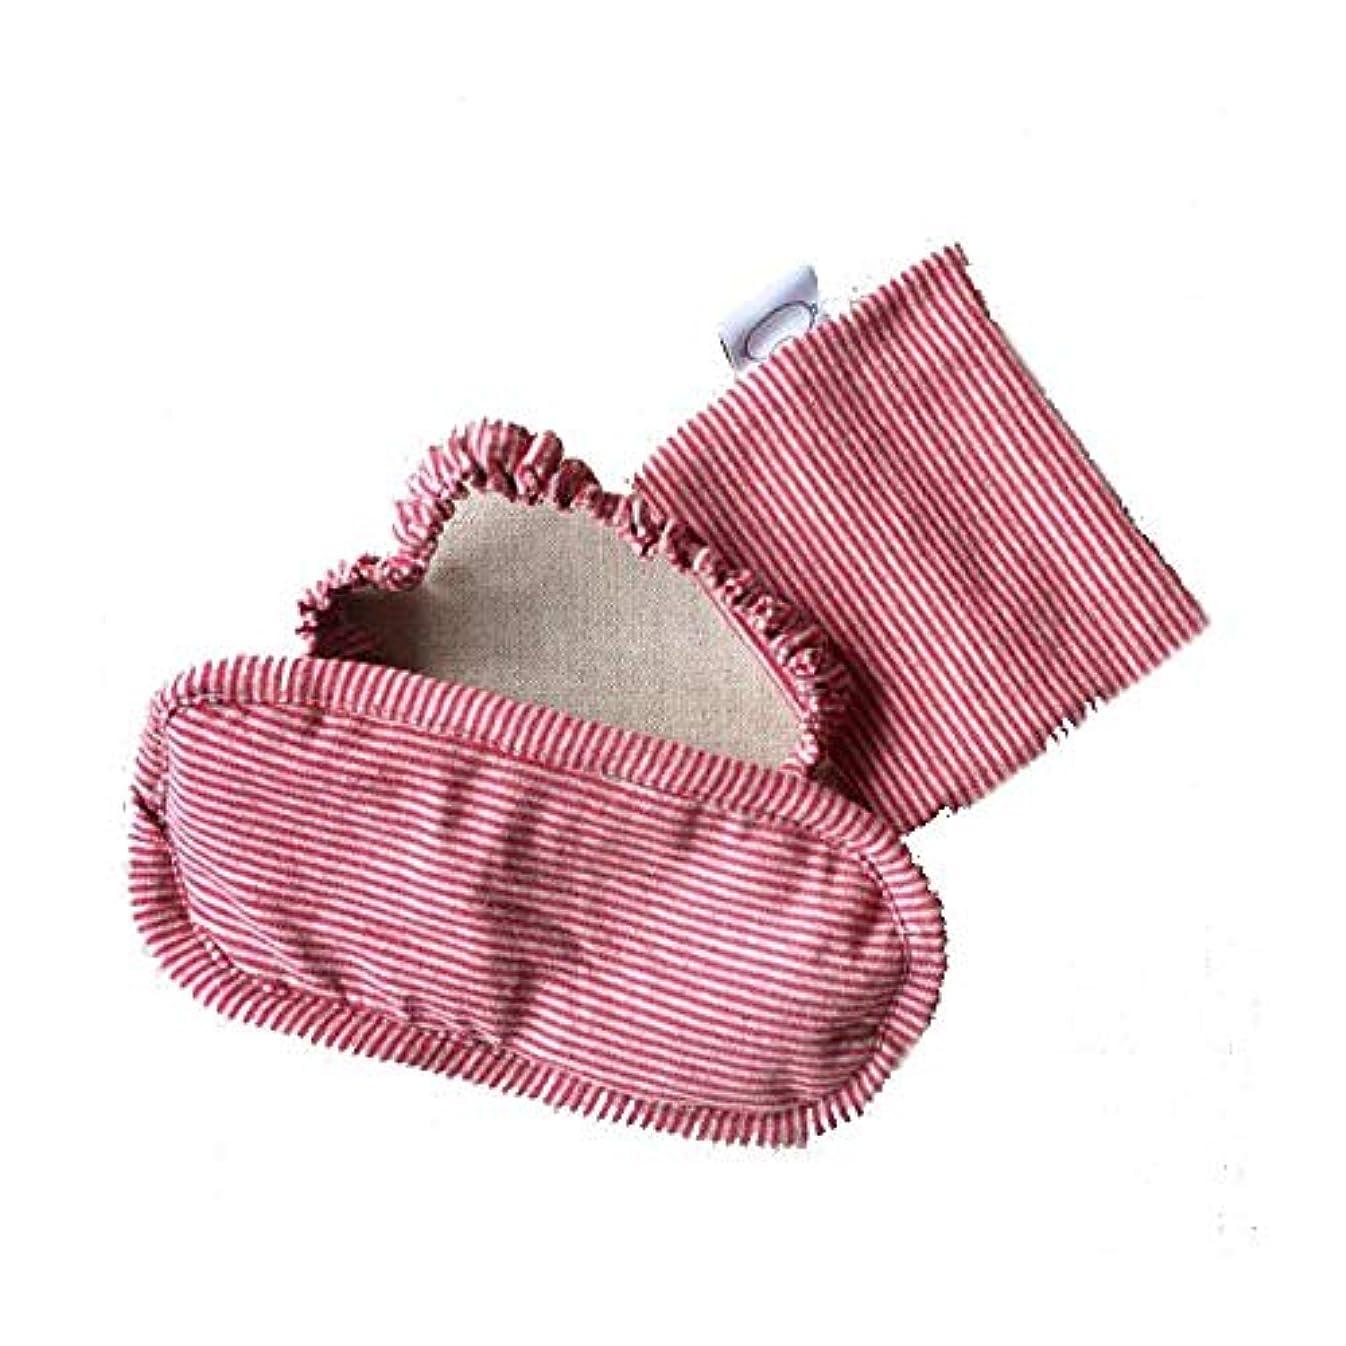 禁じる犠牲麺HUICHEN ゴーグルアイシェード通気性の綿厚い綿の睡眠ゴーグル睡眠ランチ (Color : Pink)